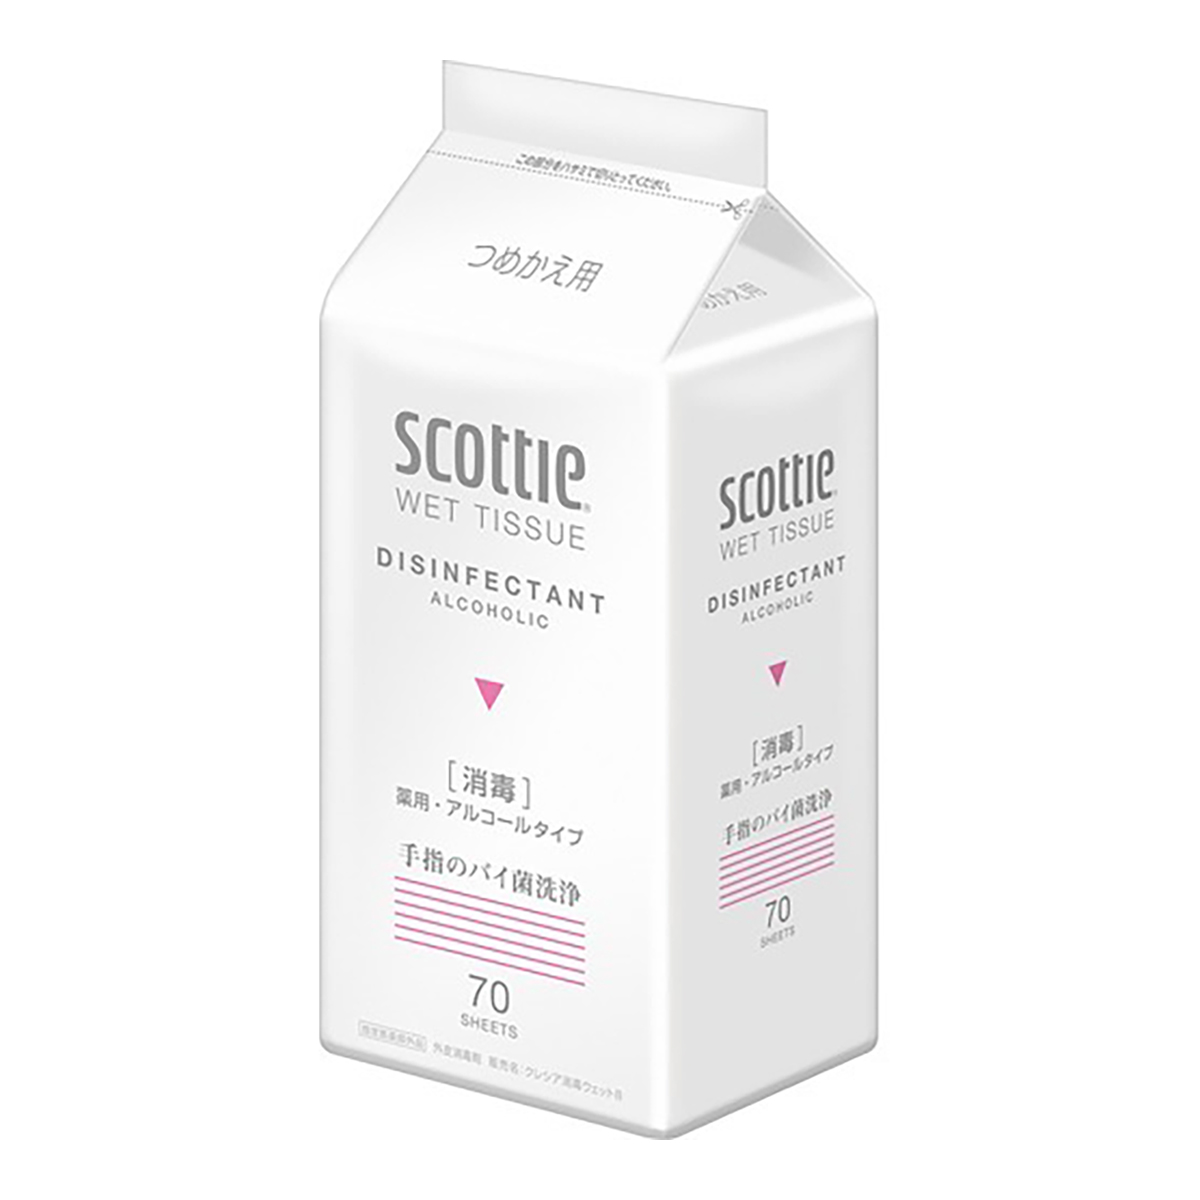 殺菌成分配合で見えないバイ菌を素早く消毒 ウェットティッシュ 美品 クレシア スコッティ 70枚入 ウェットティシュー つめかえ用 消毒 期間限定で特別価格